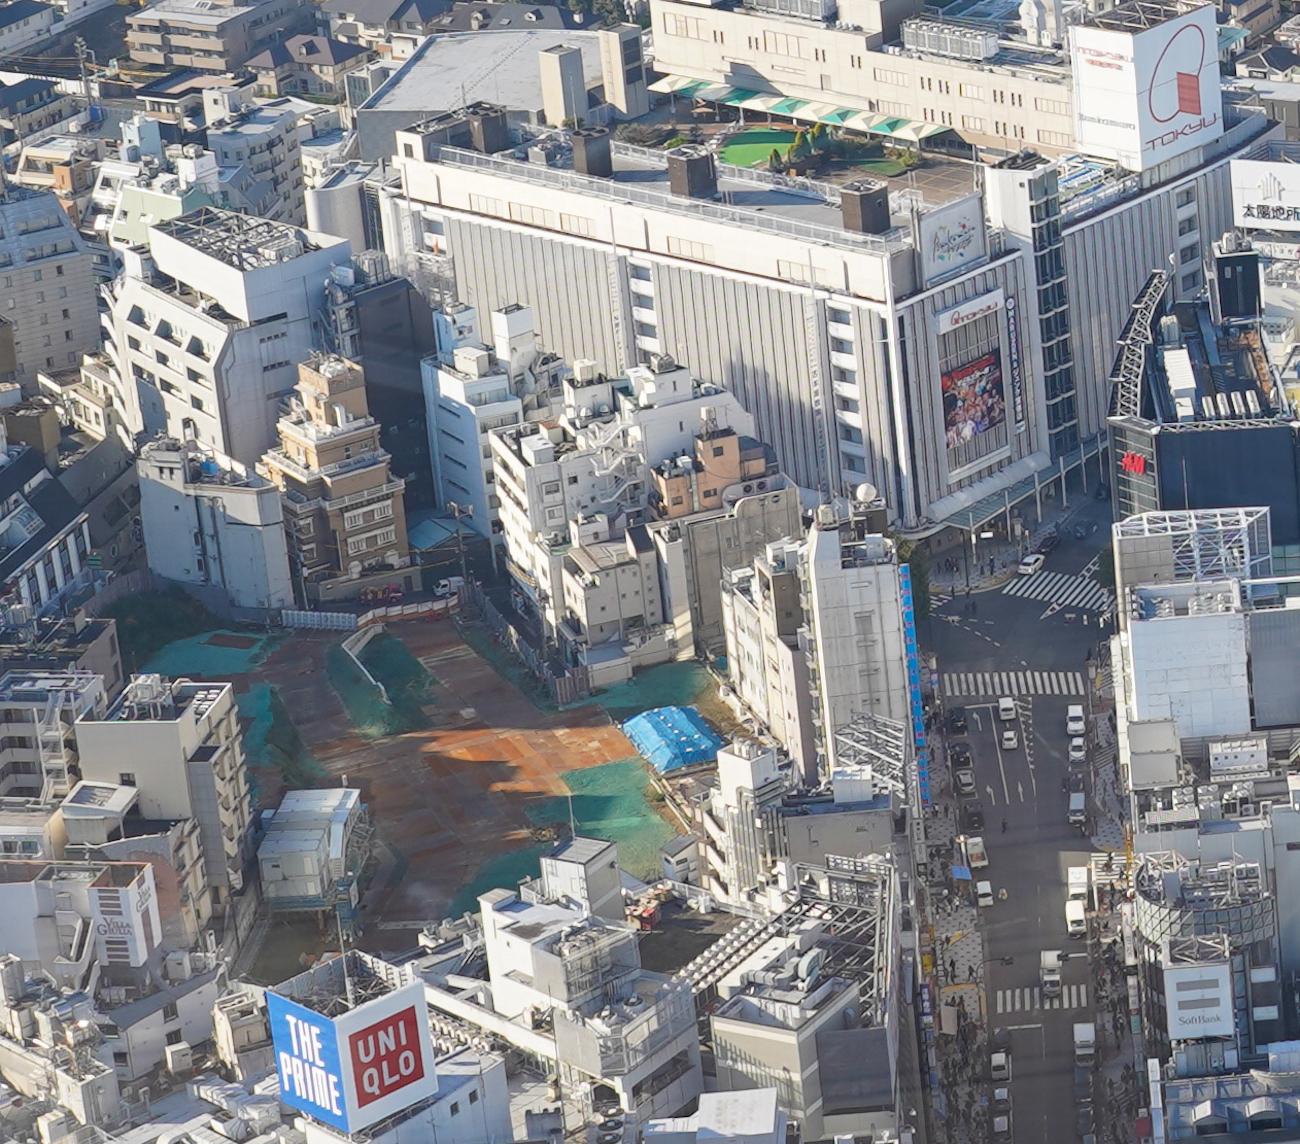 渋谷スクランブルスクエアの屋上「SHIBUYA SKY(渋谷スカイ)」からの眺望。旧ドンキ跡地あたり。/2019年12月29日、撮影:SHUN ONLINE